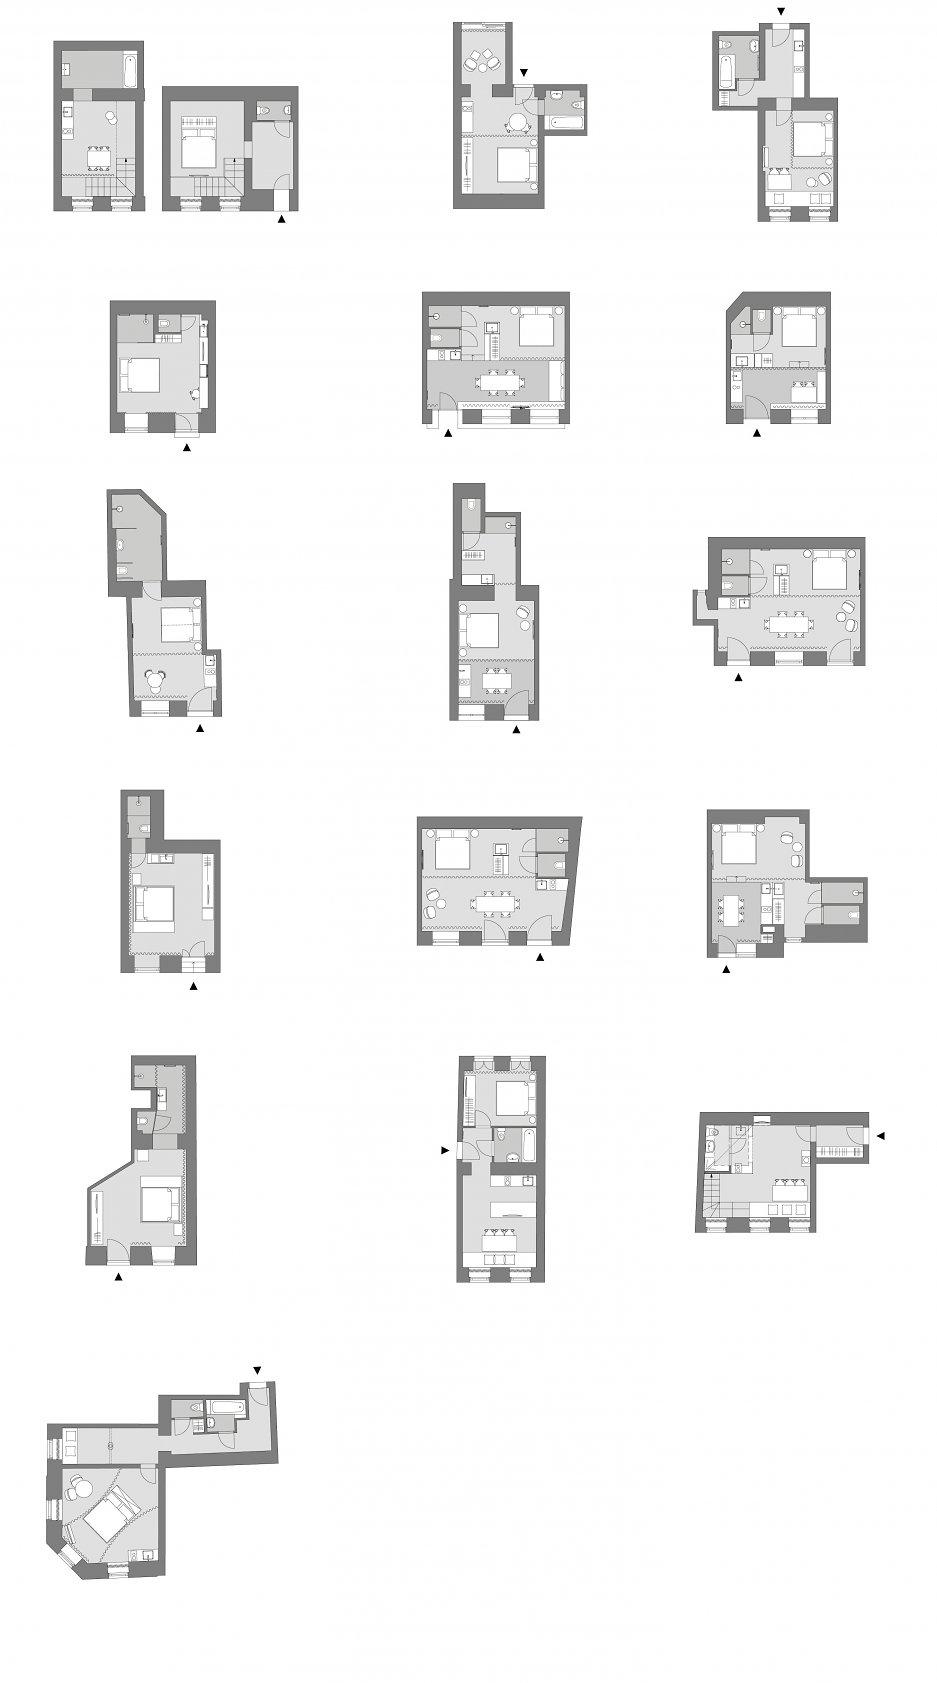 Pôdorysy apartmánov